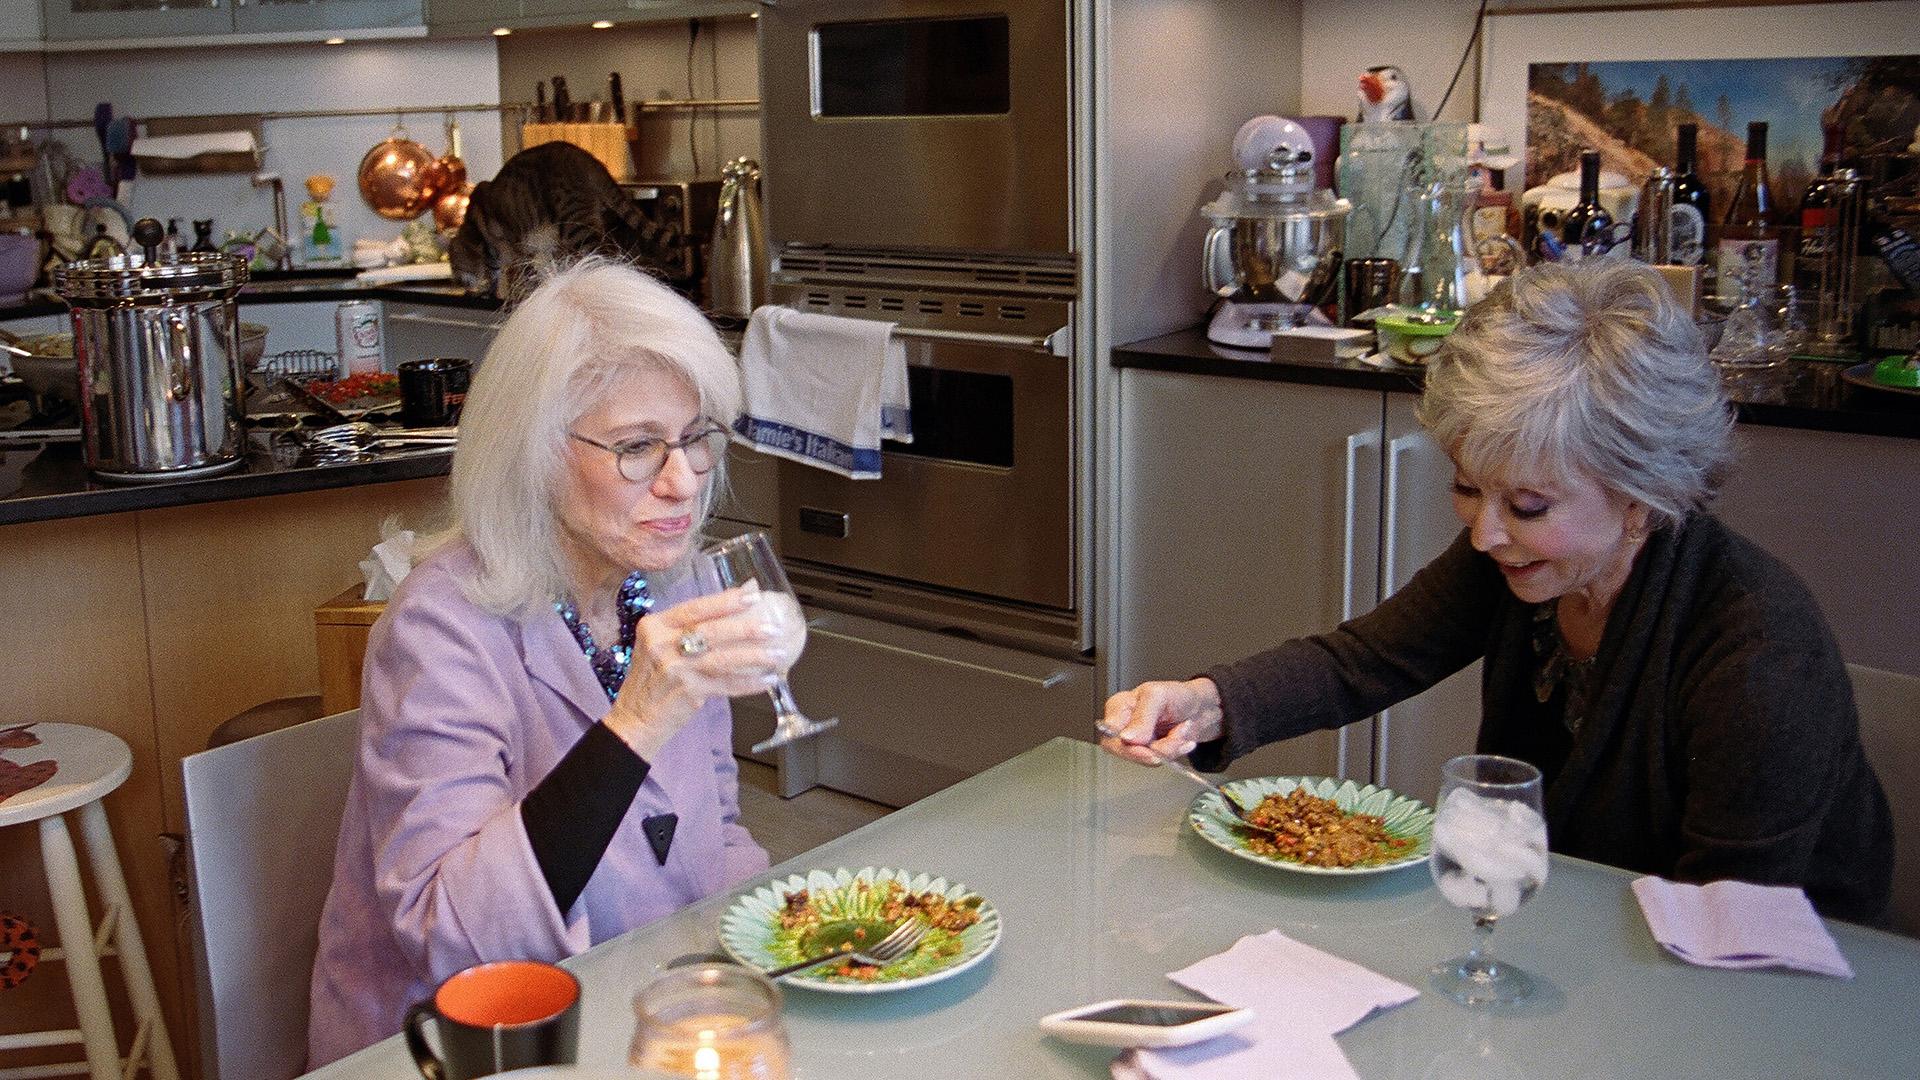 Moreno come la paella que acaba de cocinar, con Jamie deRoy (Sabrina Santiago/The New York Times)